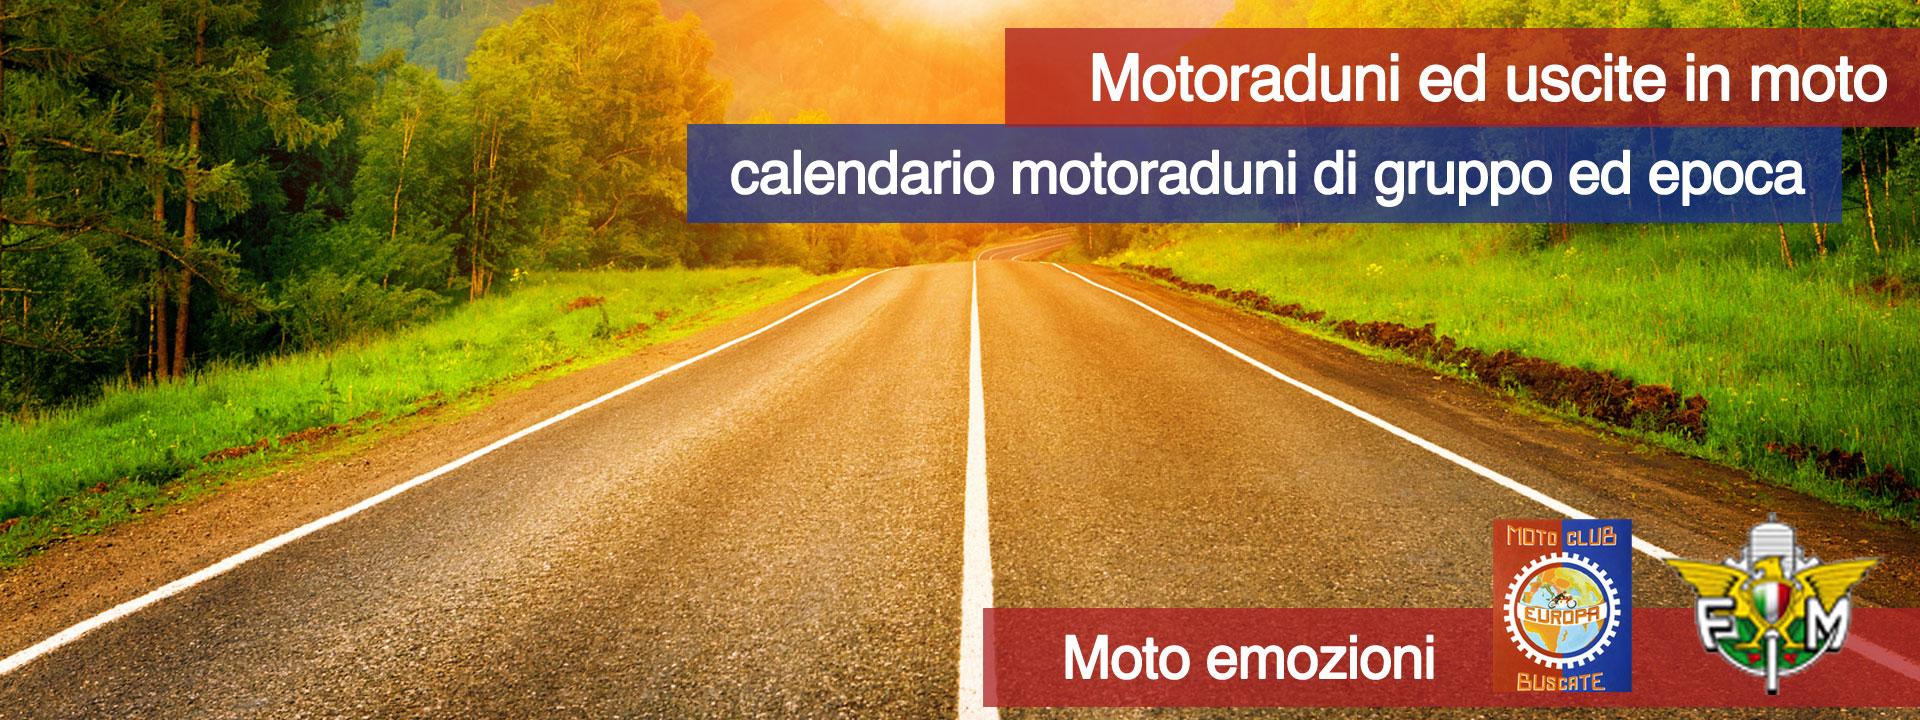 slider-motoclub-buscate-raduni-eventi-uscite-in-moto